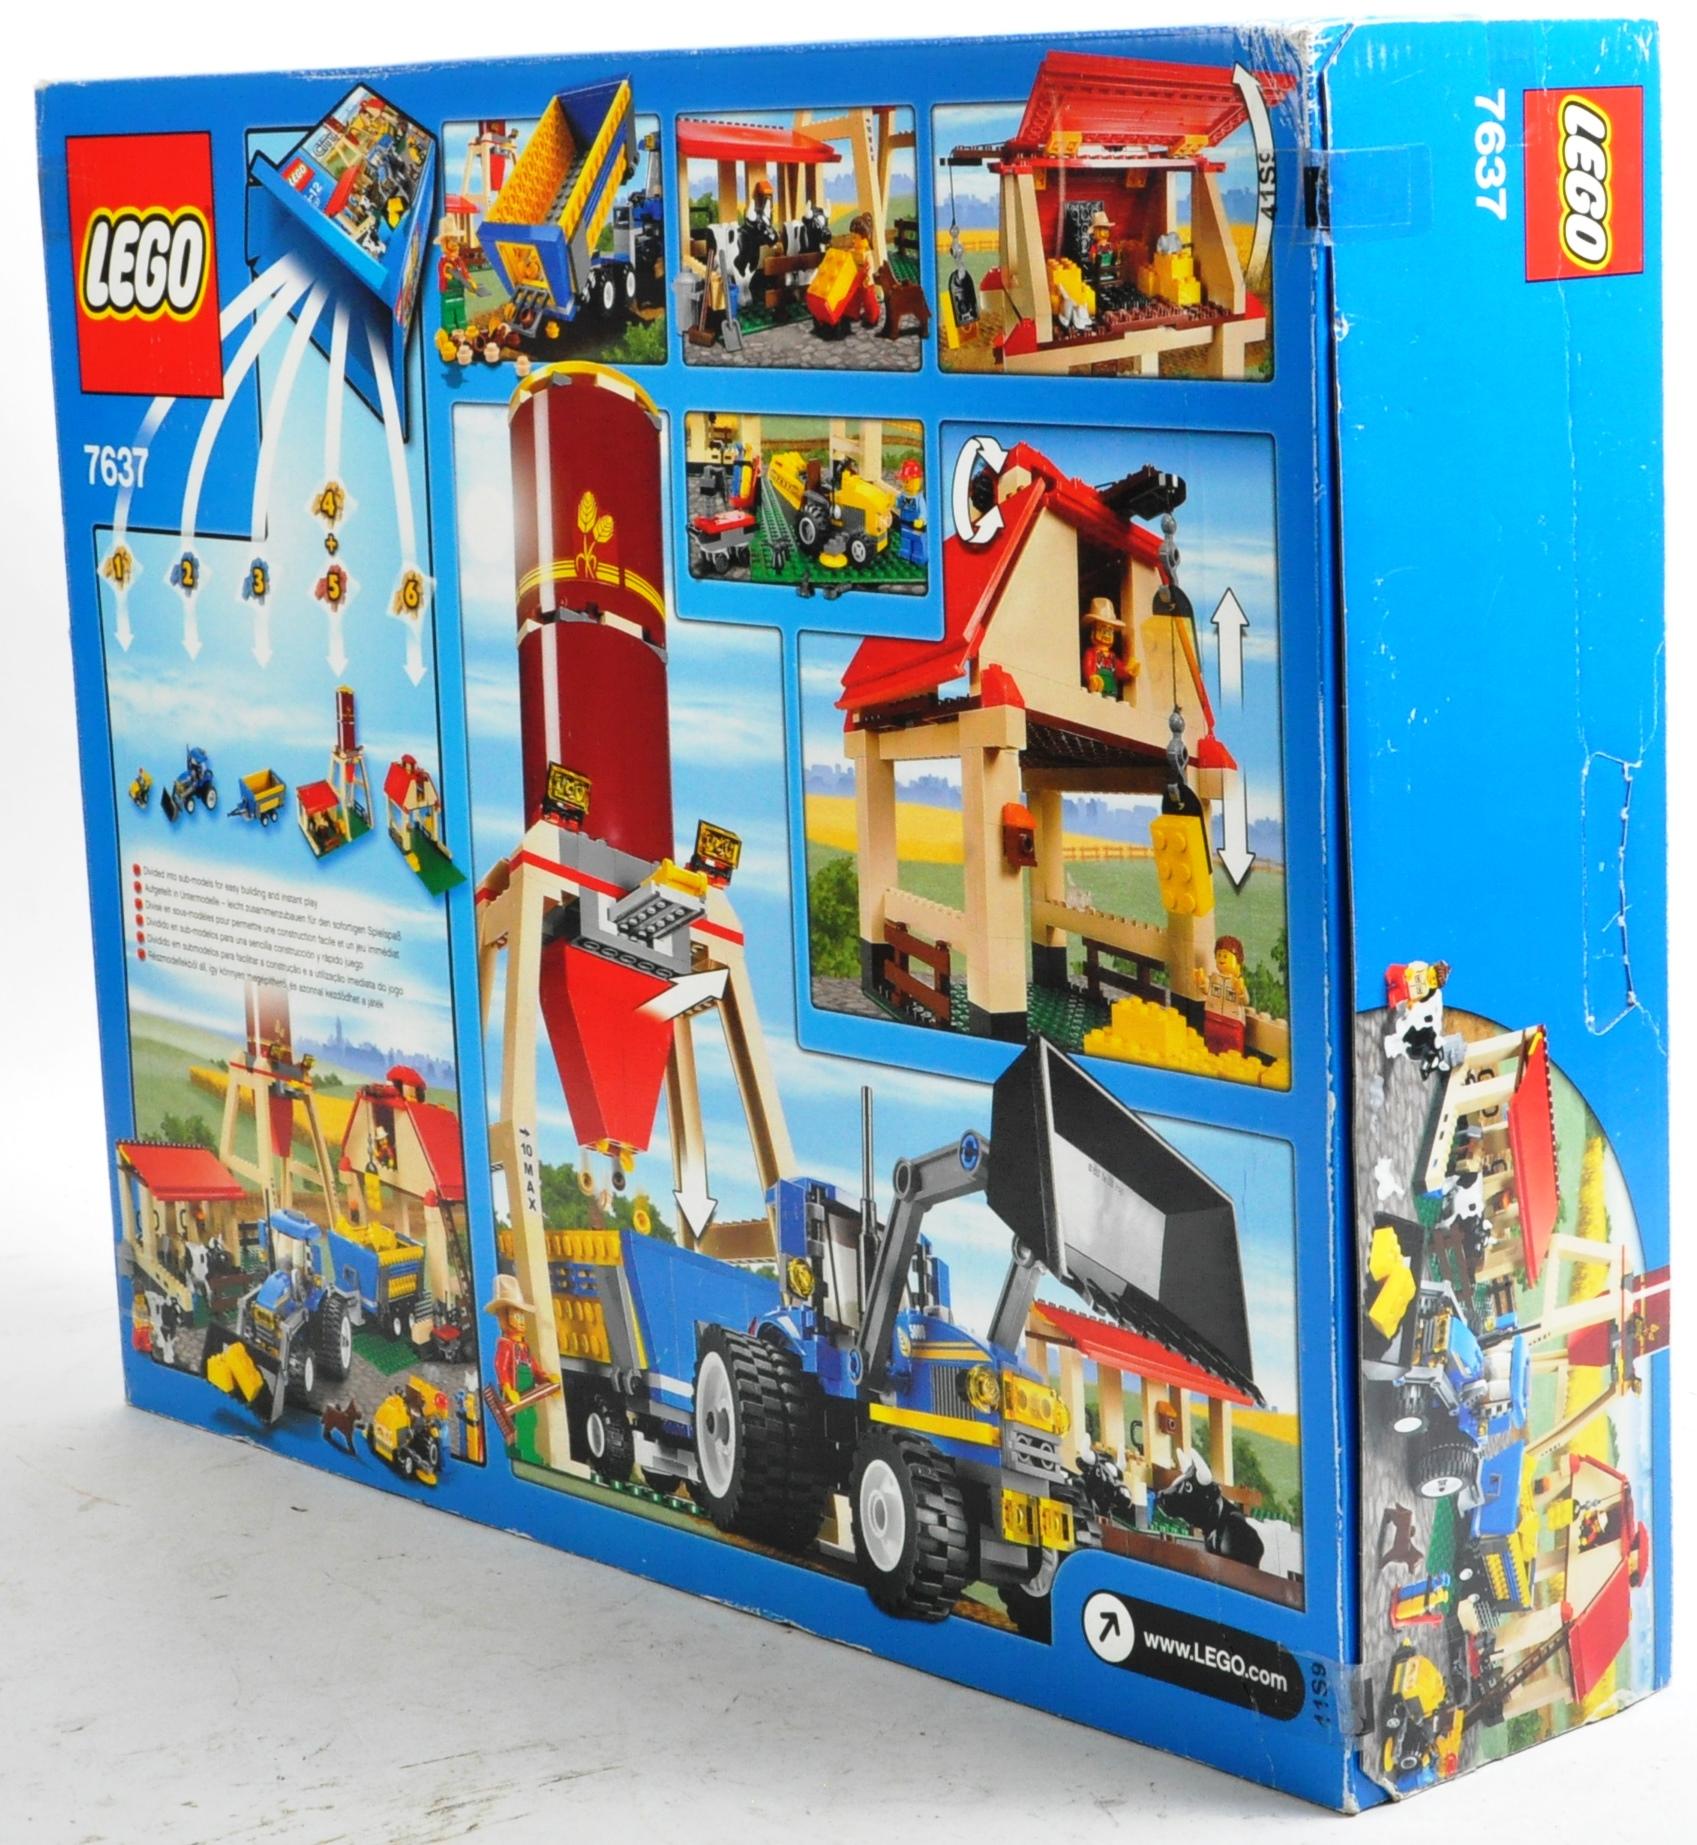 LEGO SET - LEGO CITY - 7637 - LEGO FARM - Image 4 of 4